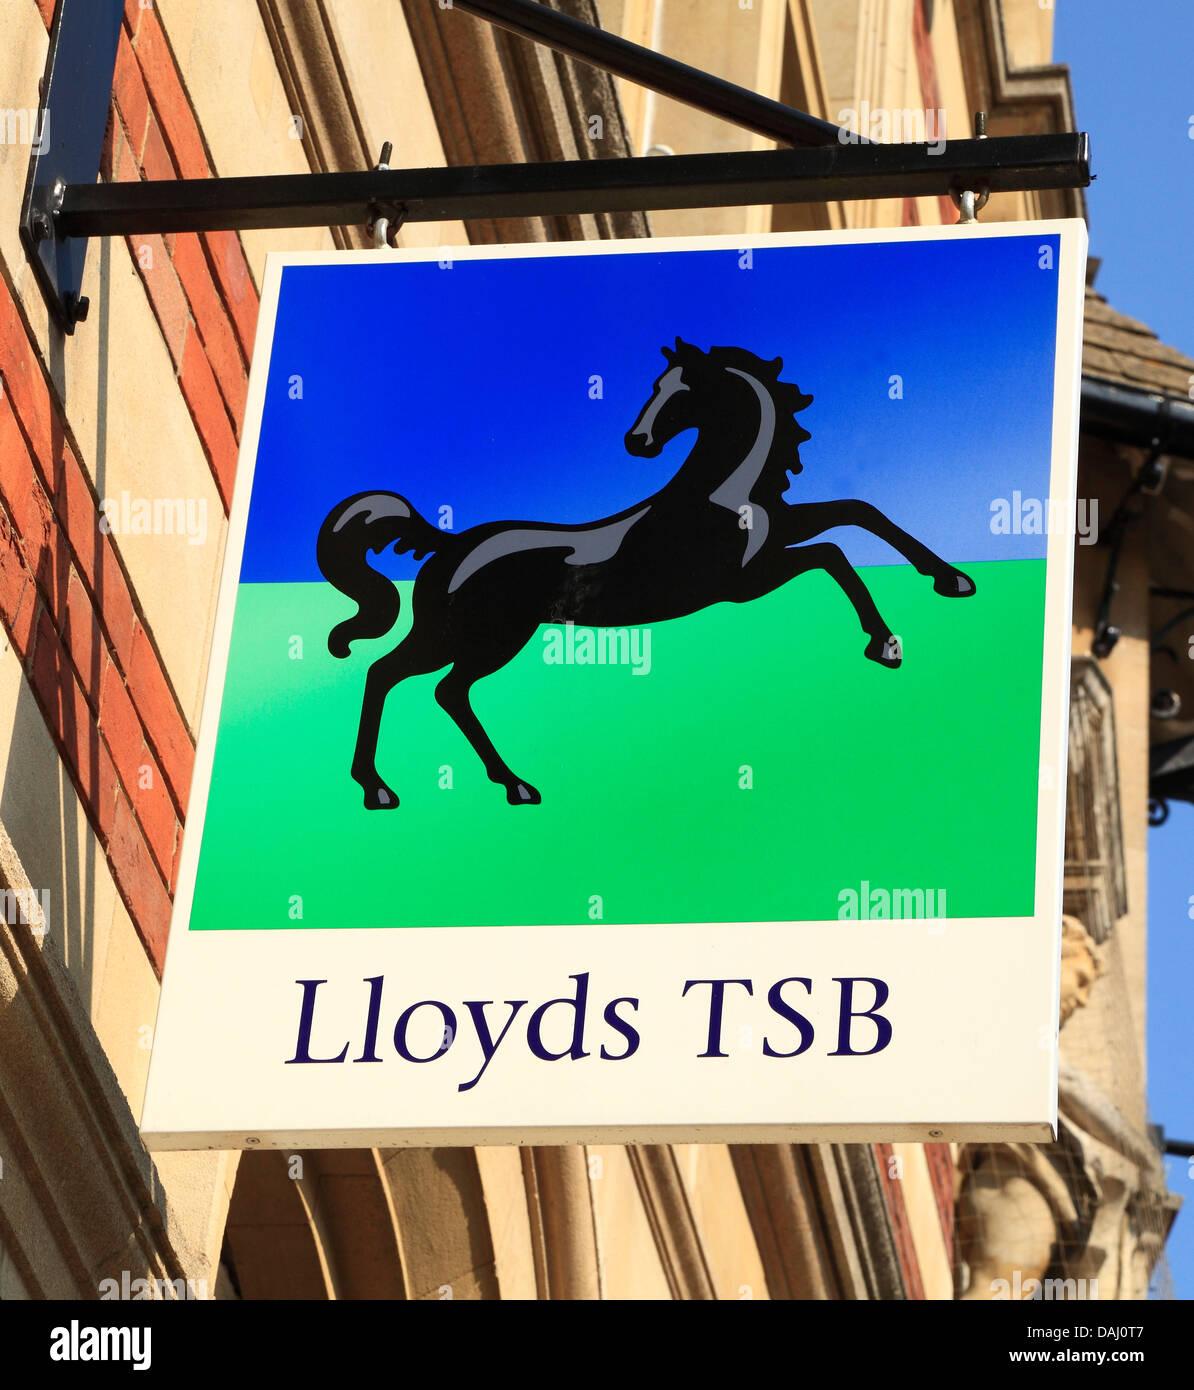 Lloyds TSB bank sign, logo, England UK - Stock Image